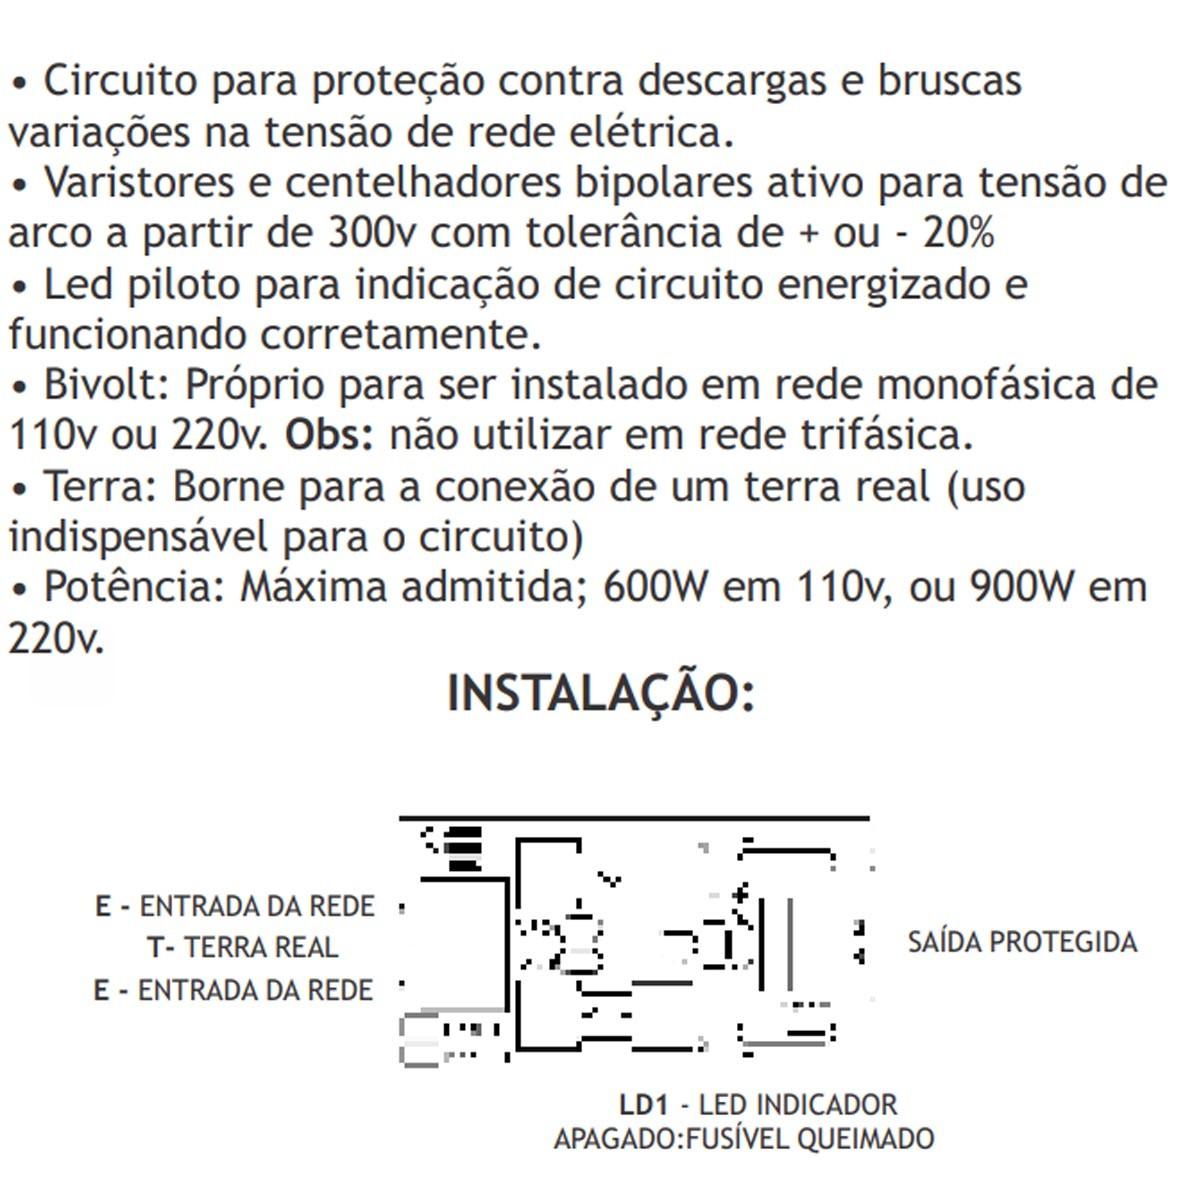 PROTETOR DE REDE ELETRICA IPEC BIVOLT A2700